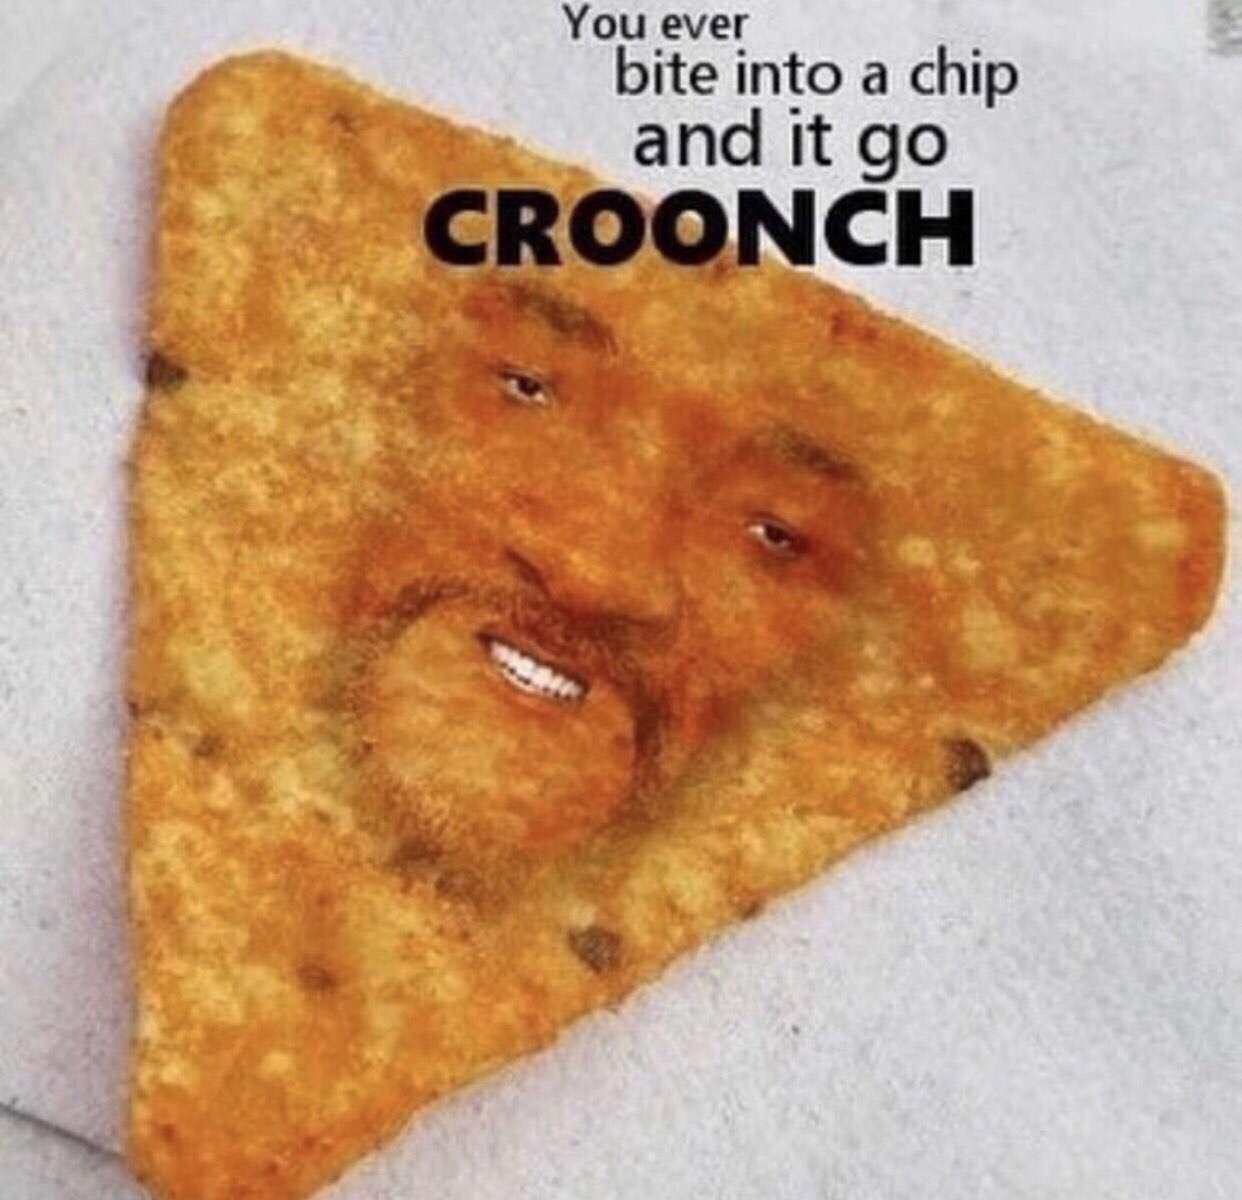 Chip go croonch - meme